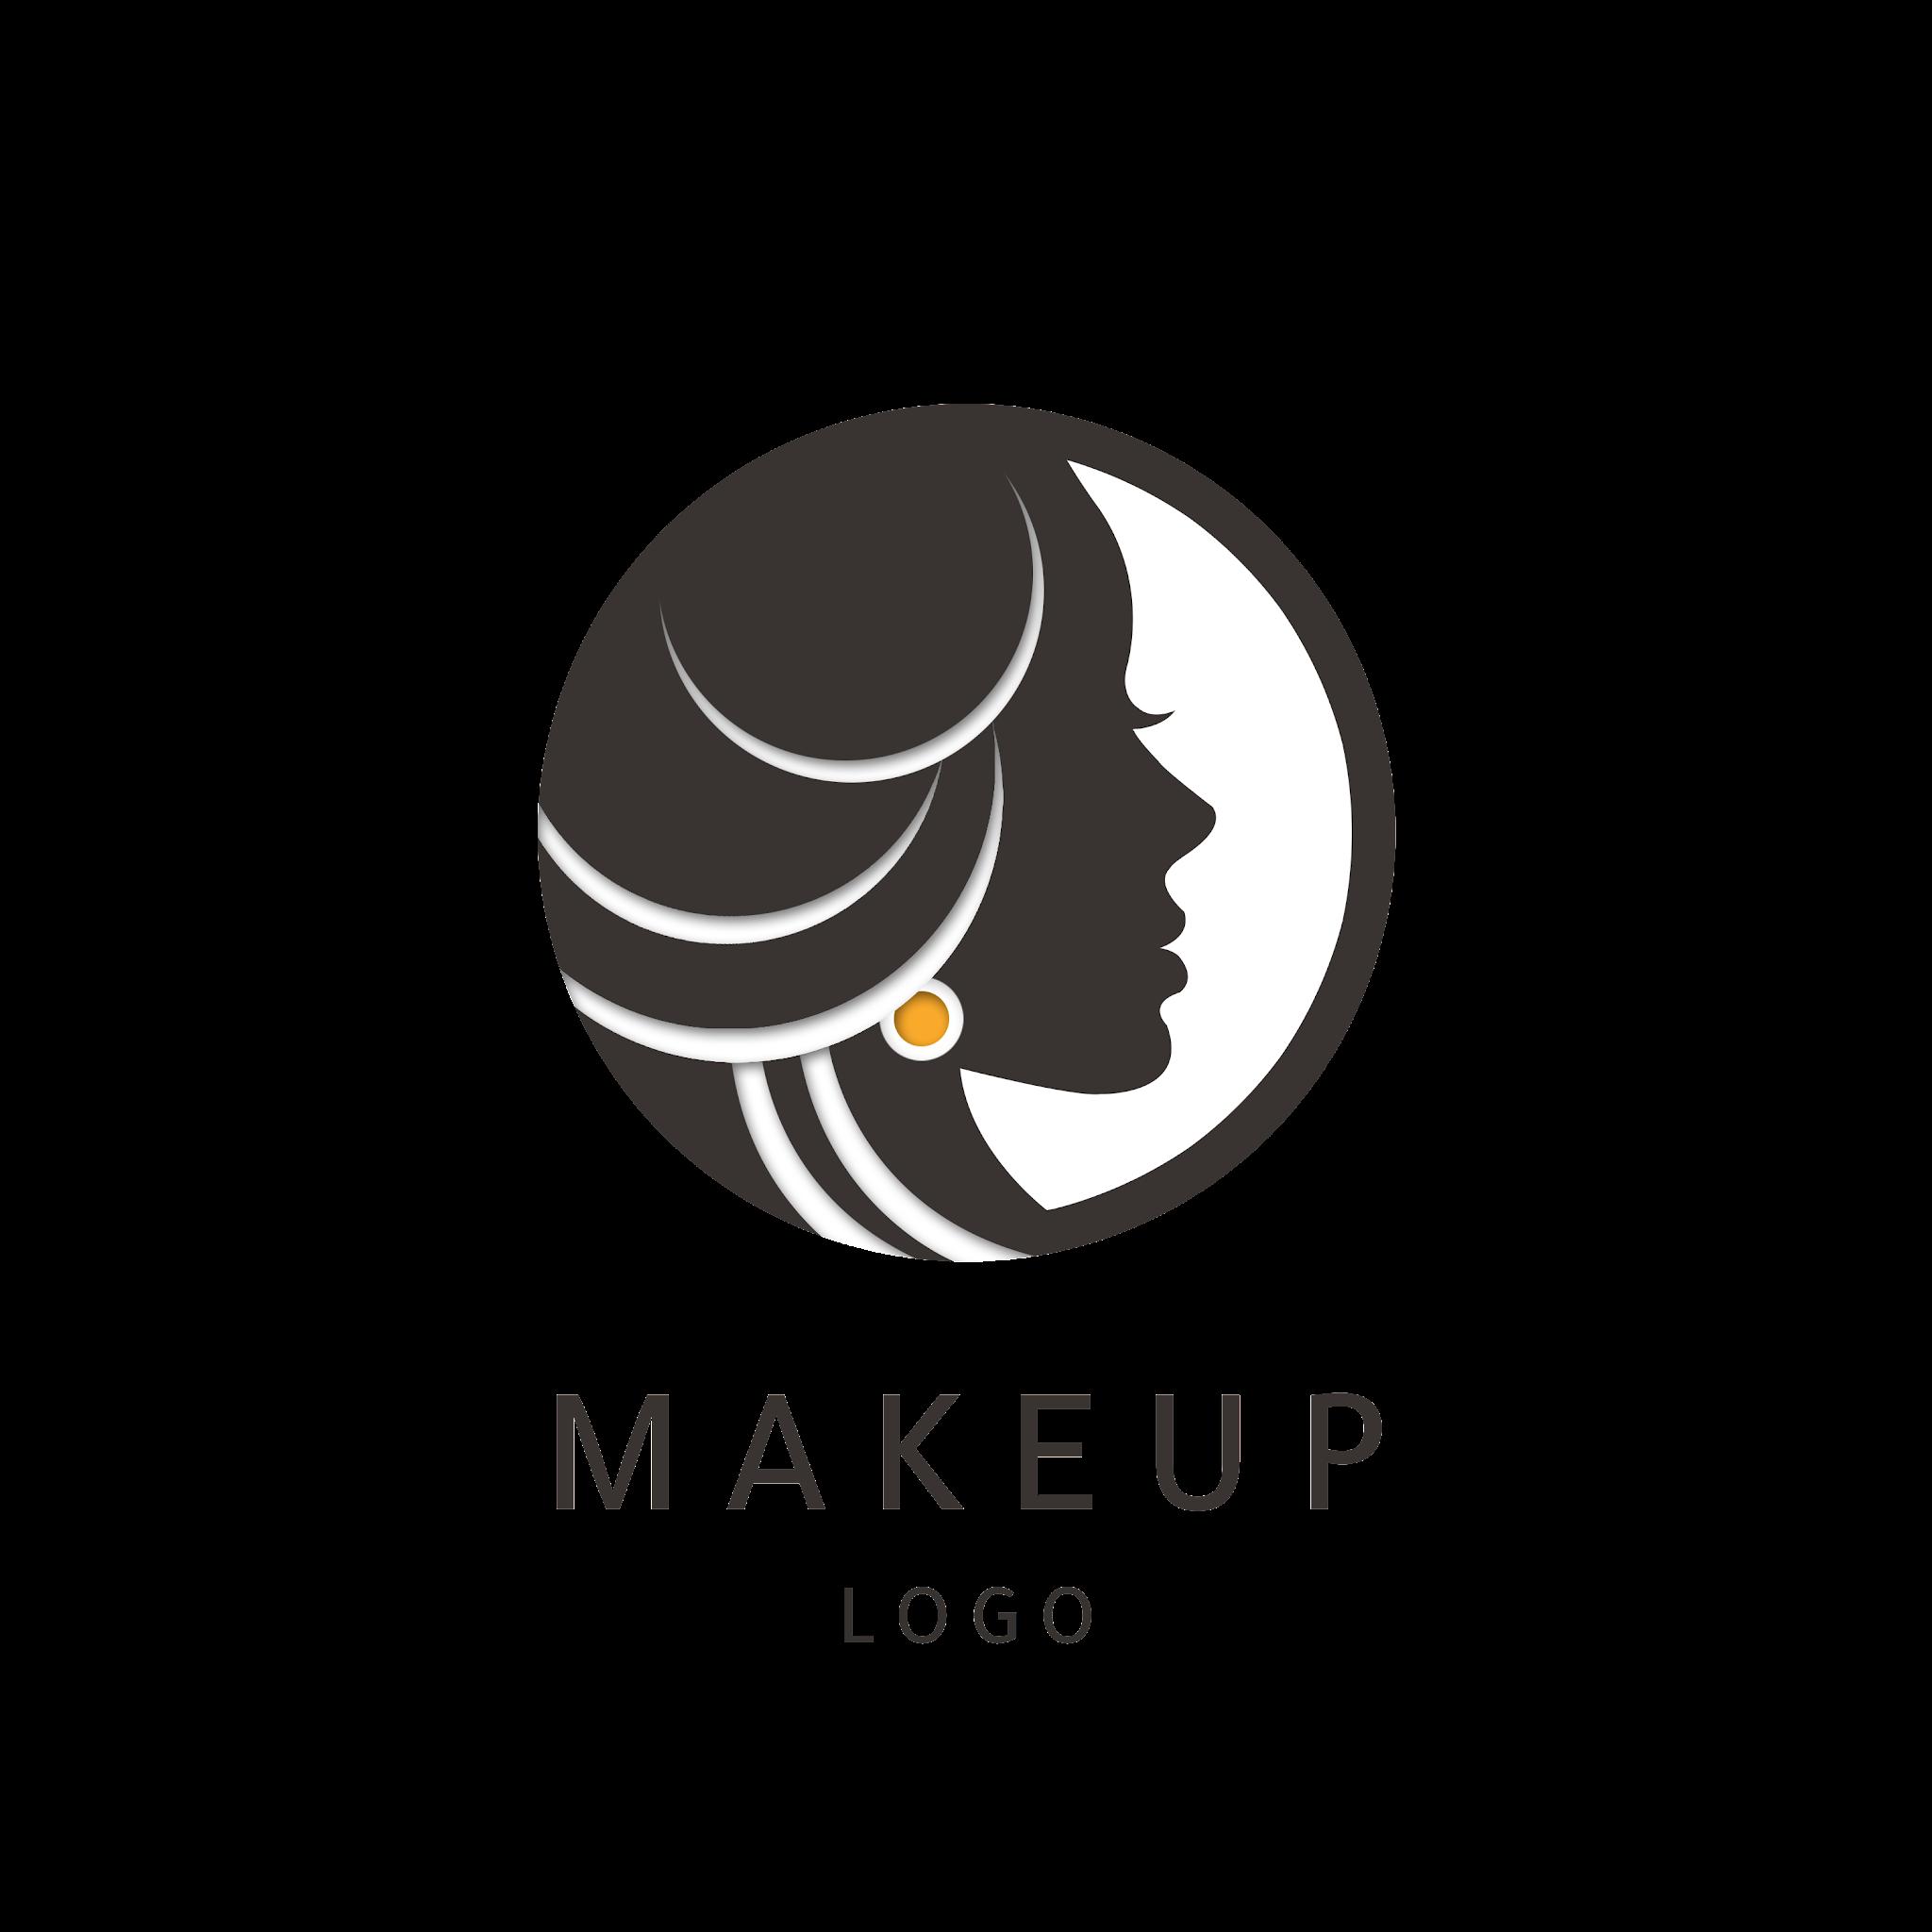 تحميل شعار ميك اب مجاناً بدون حقوق Logo Makeup PSD